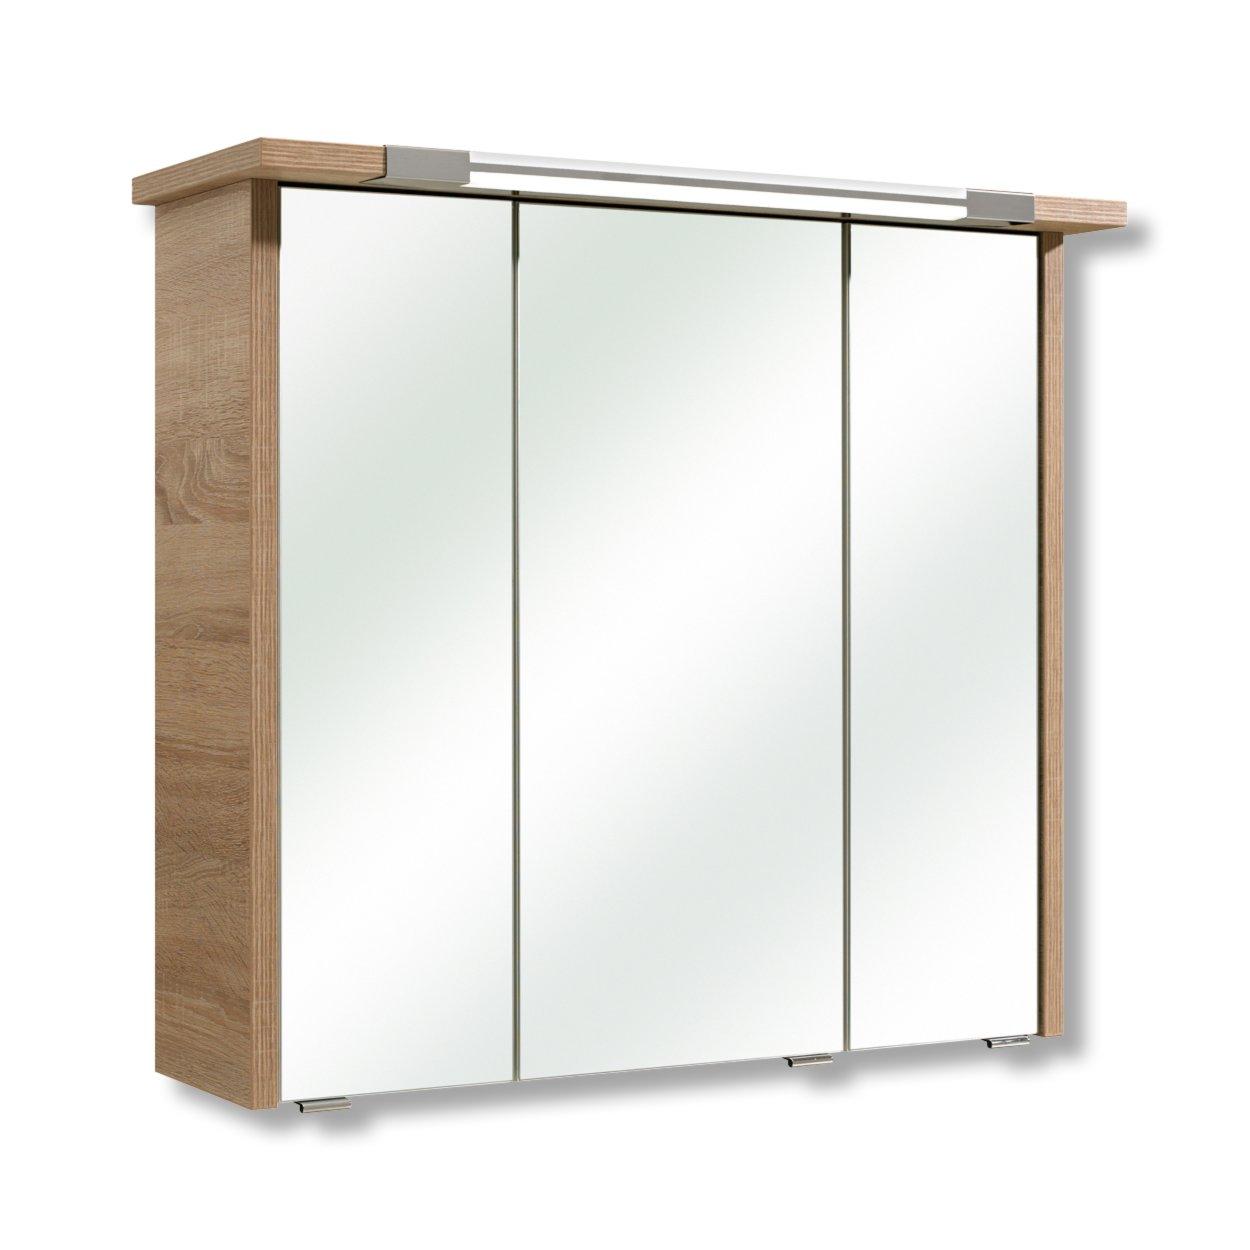 Badezimmer Spiegelschrank Teak In Badschrank Mit Spiegel Elegant